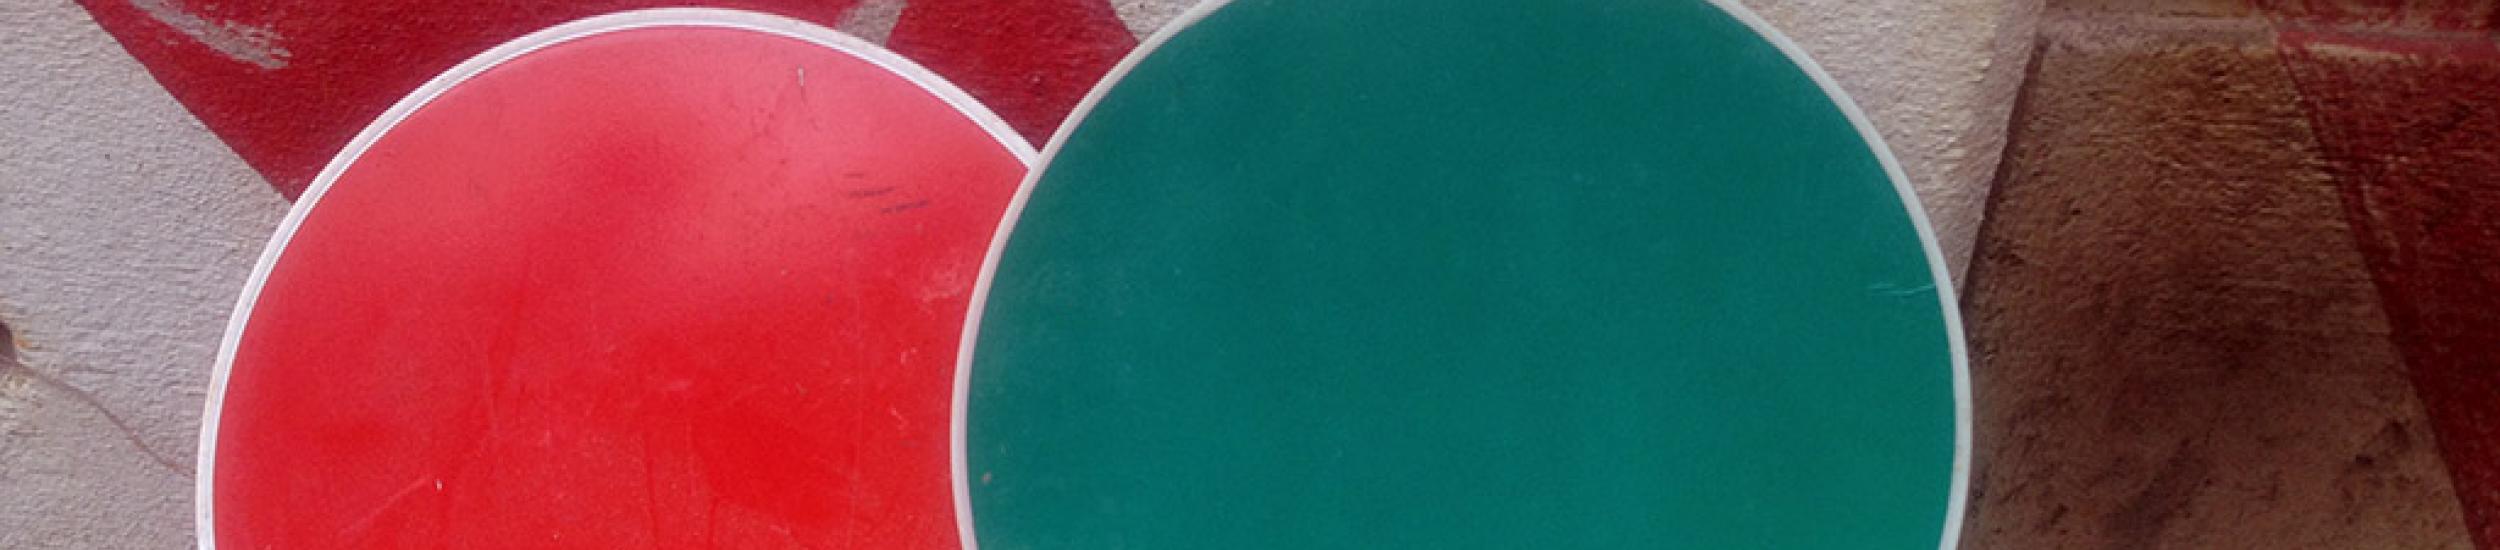 News: Strade, senso unico alternato sulla sp7 della castagnola